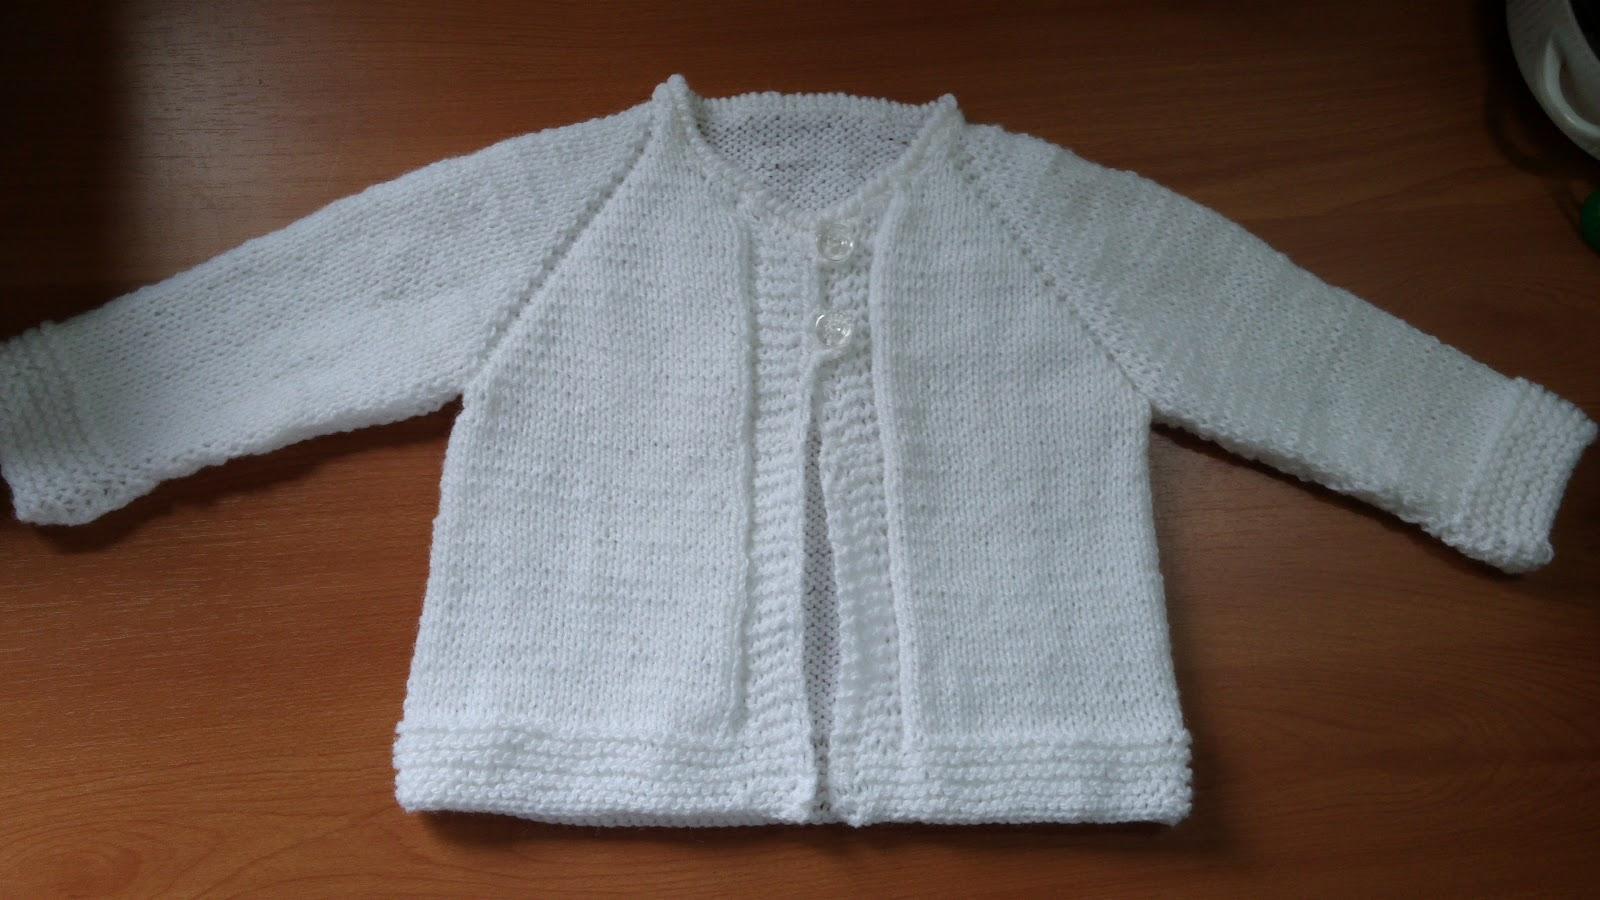 Curso de tejido a mano saquito o chaqueta para beb empezada desde el cuello - Tejer chaqueta bebe 6 meses ...